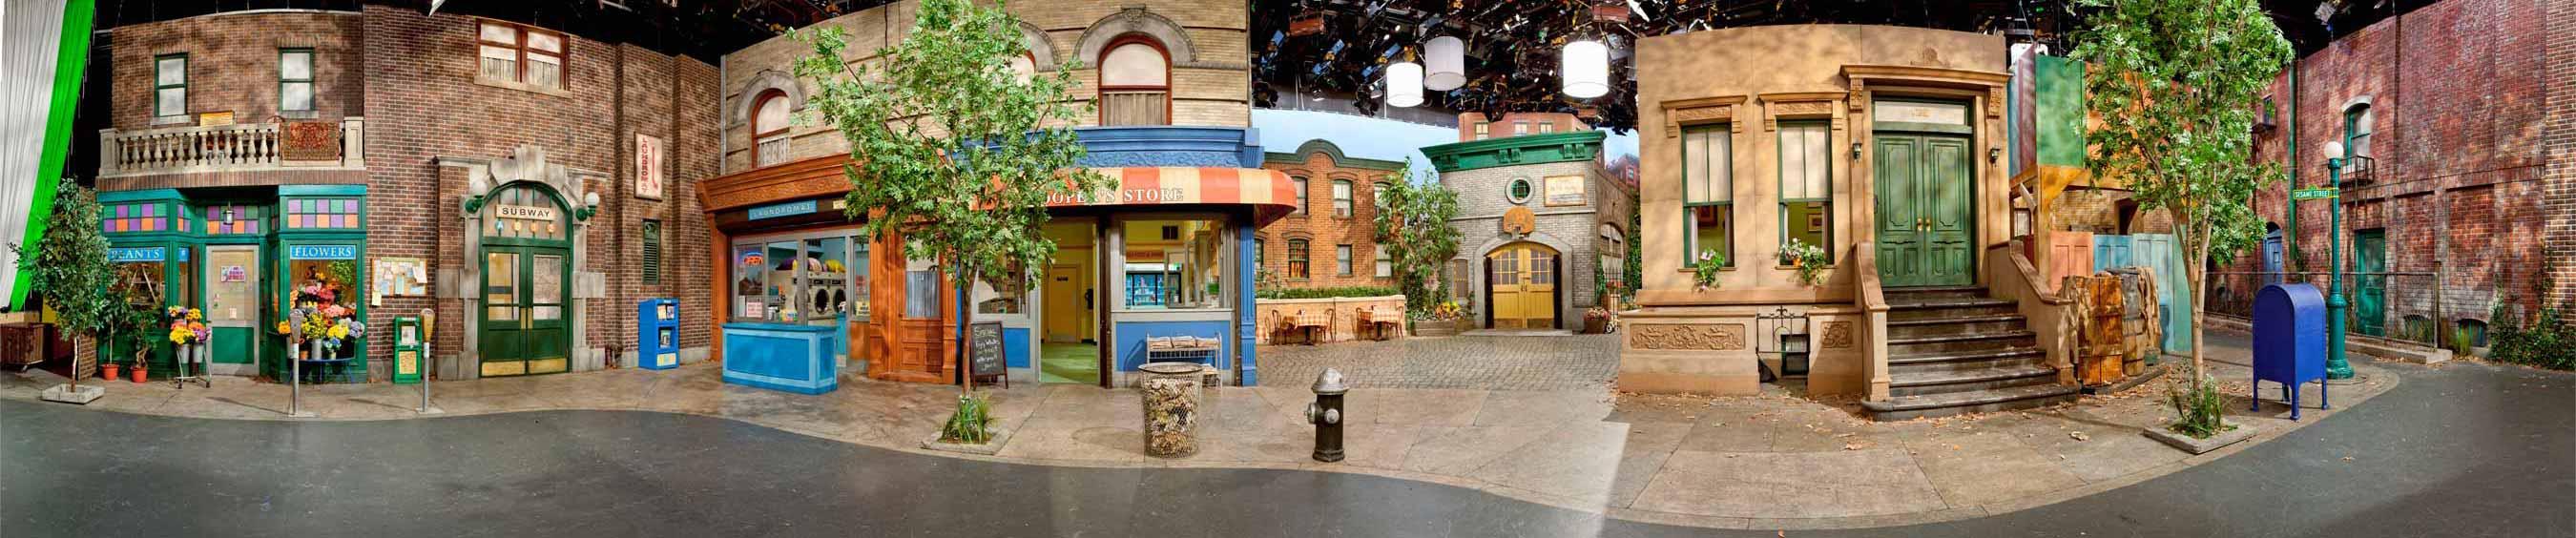 Pin Sesame Street Set Tour Sesame Street Presents Elmo S ... Sesame Street Set Tour